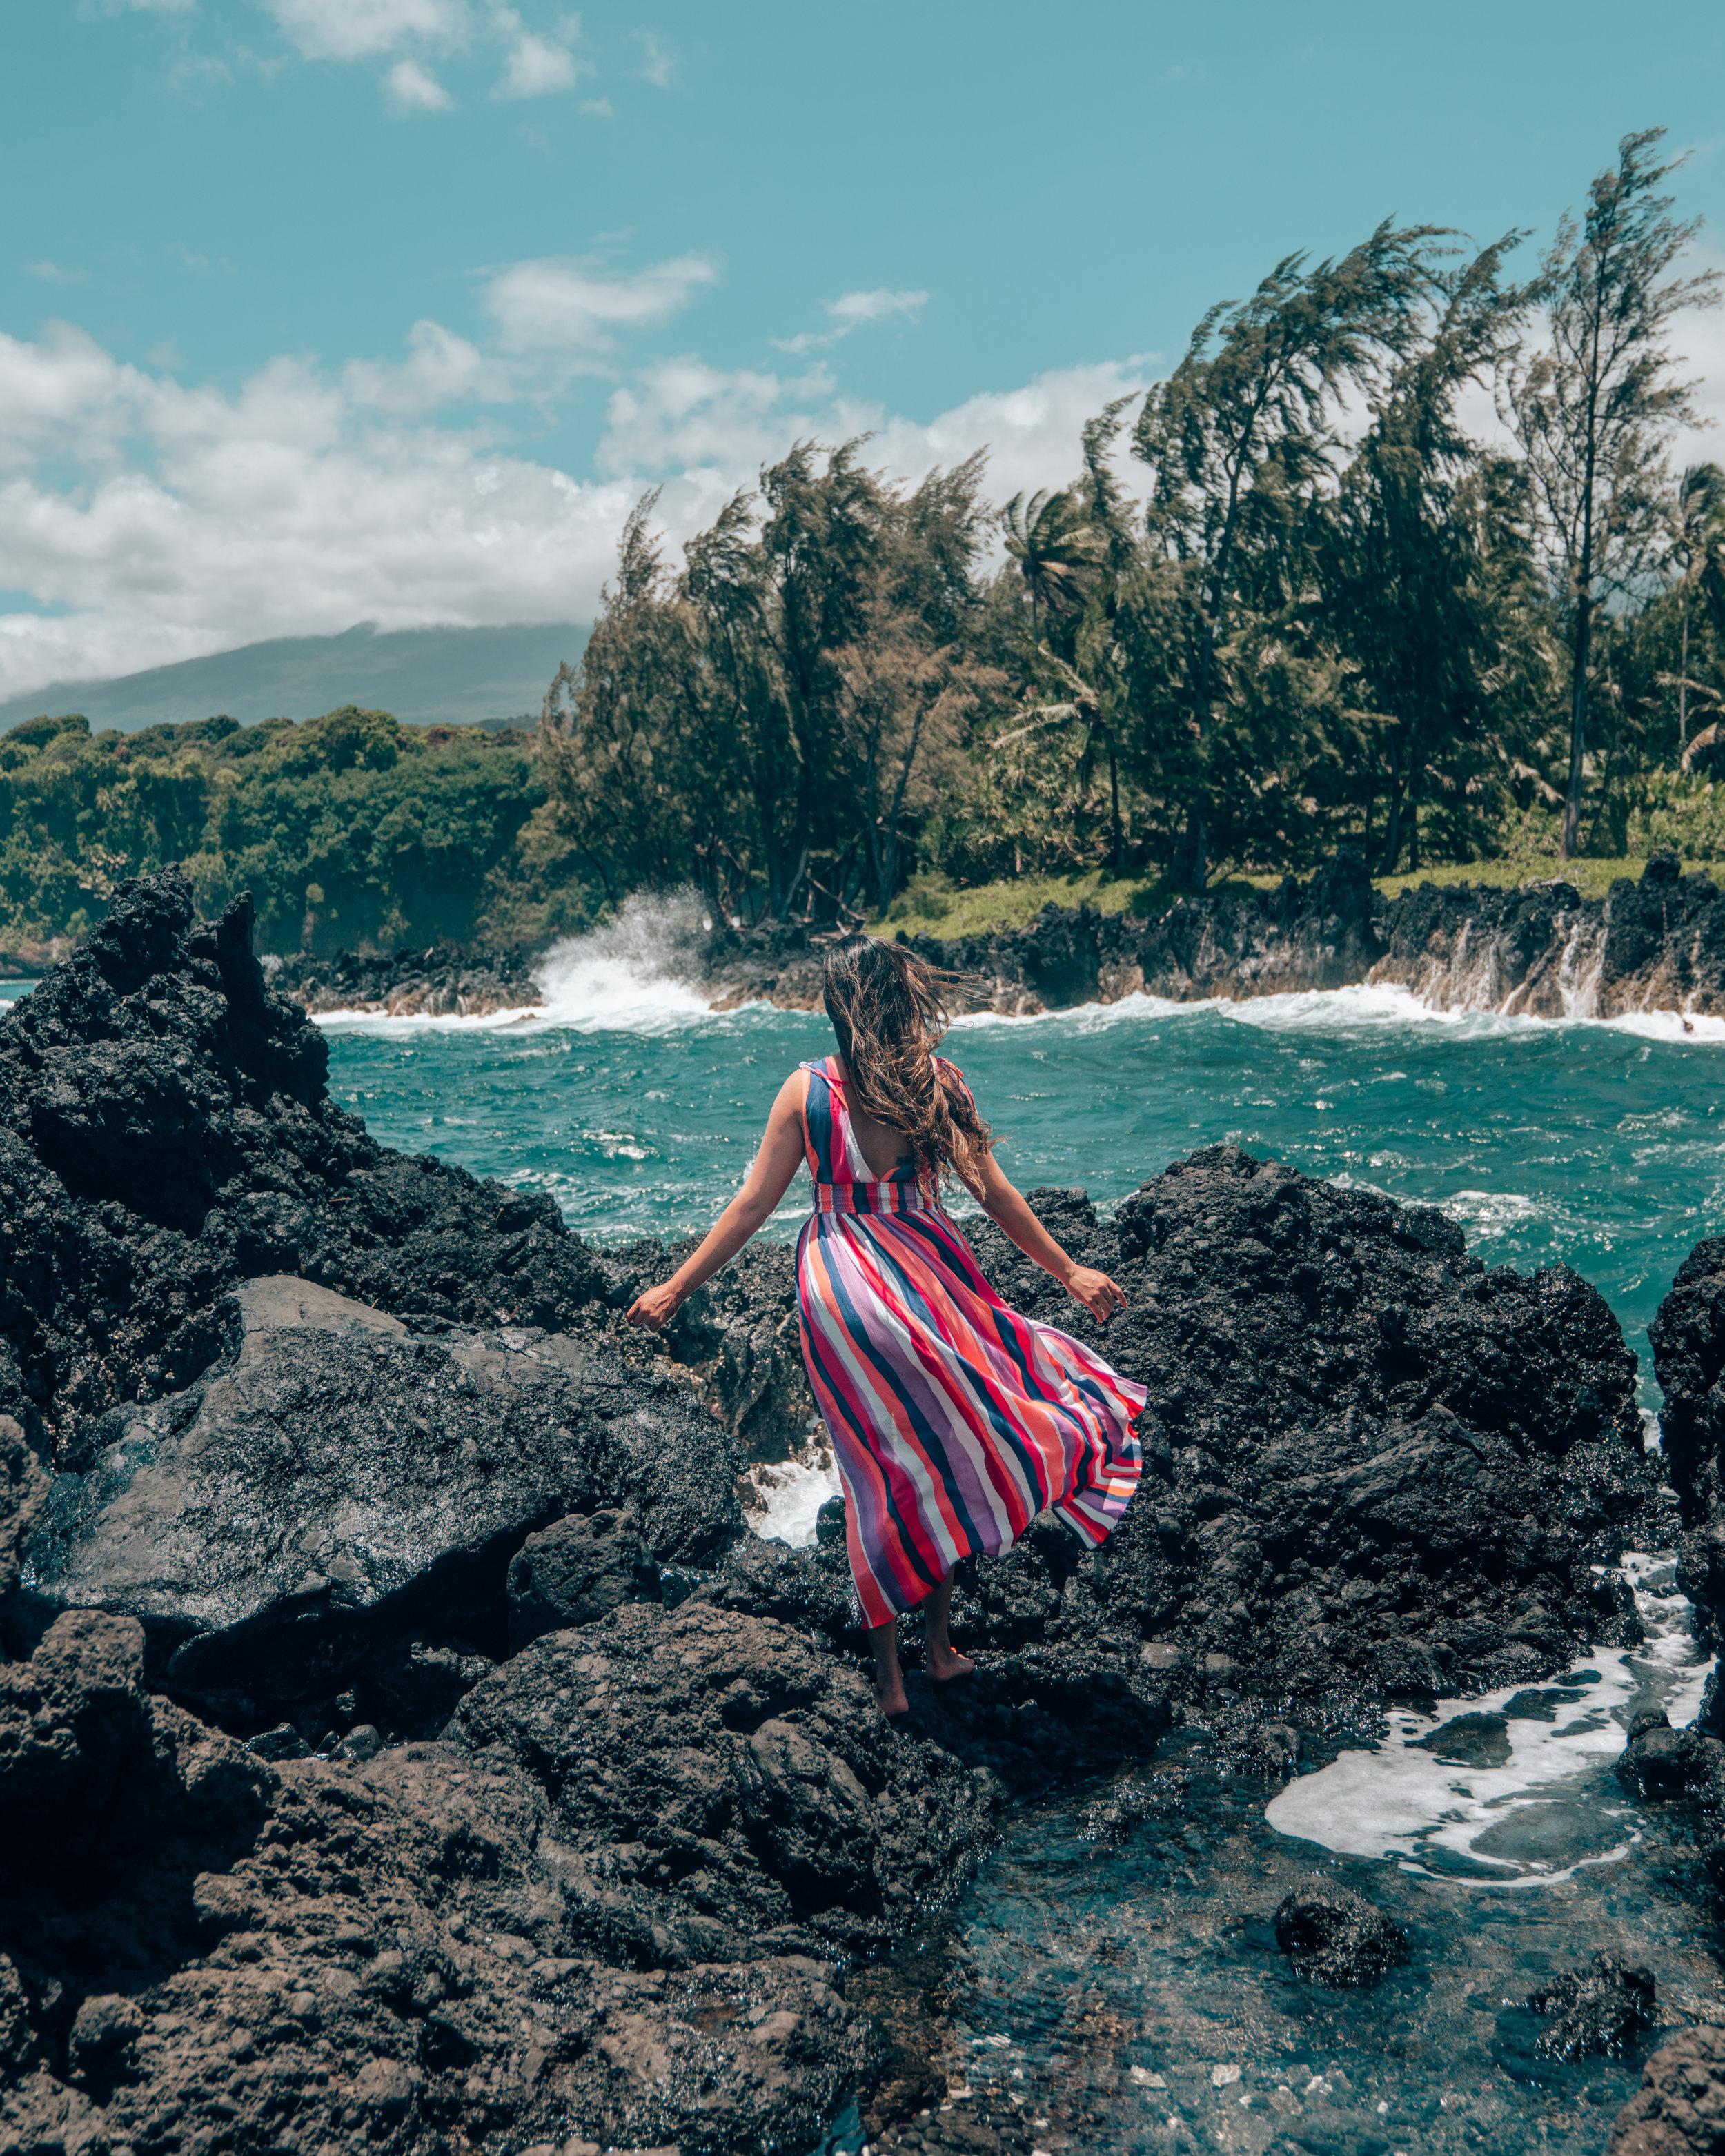 Ke'anae Peninsula on the Road to Hana - Maui, Hawaii